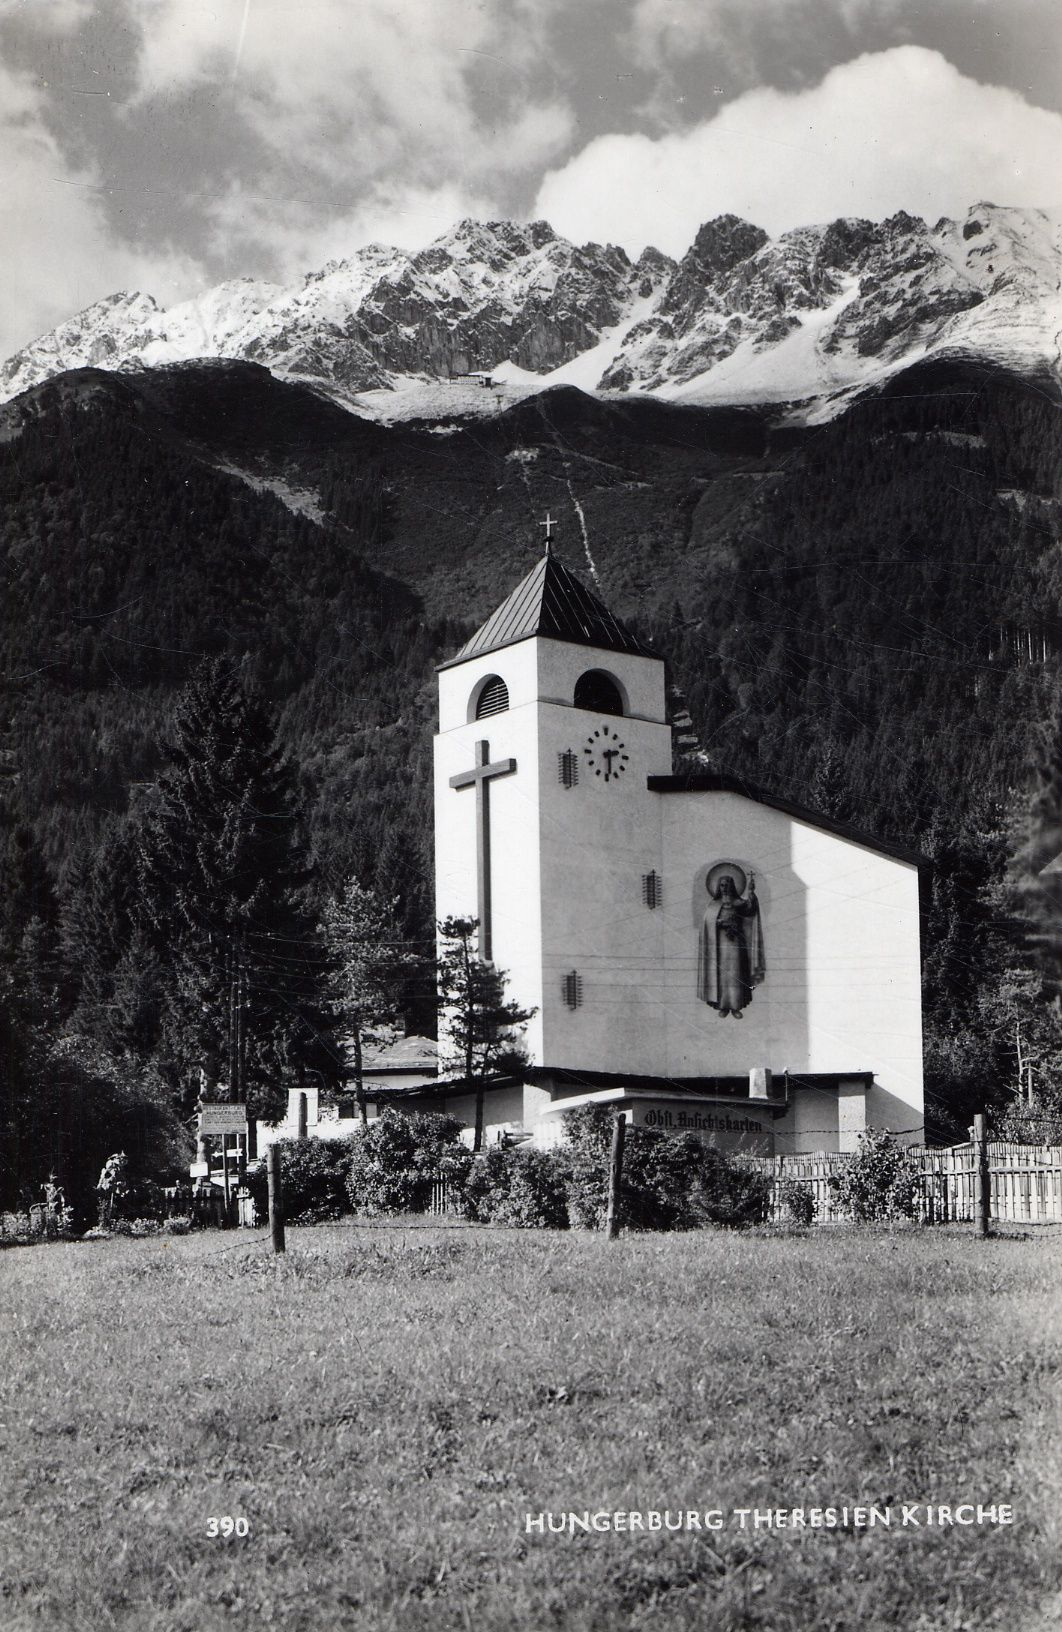 Theresienkirche Auf Der Hungerburg (I)